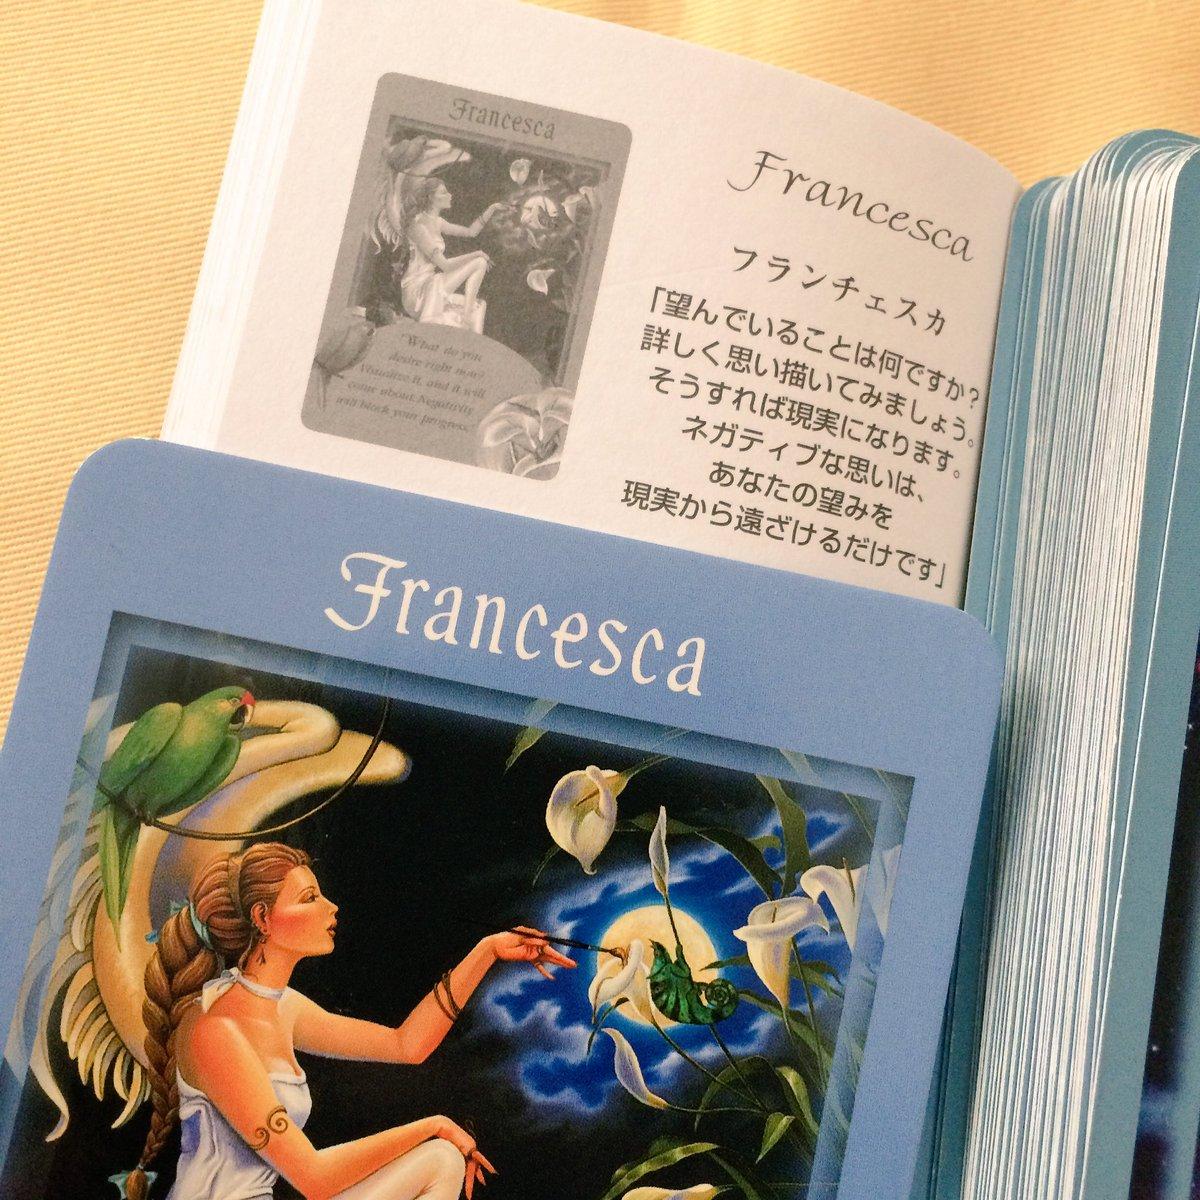 おはようございます。本日の #オラクルカード 一枚引きはこちら!「フランチェスカ」GWも終わり今日から通常モード。スマー